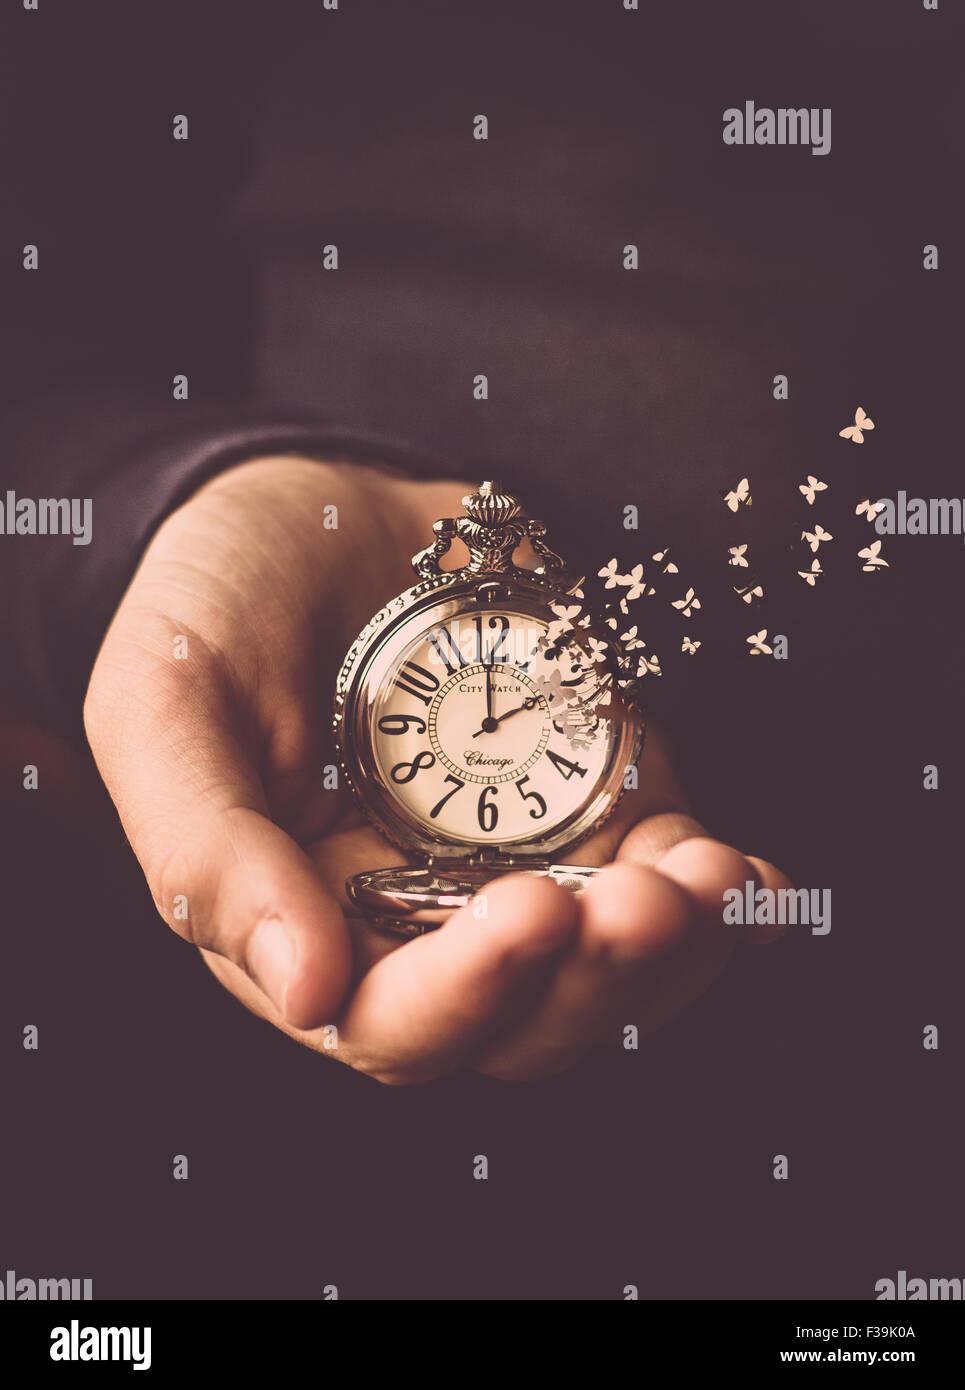 Hombre sujetando un reloj en su mano con el tiempo de vuelo fuera de la cara del reloj como mariposas Imagen De Stock